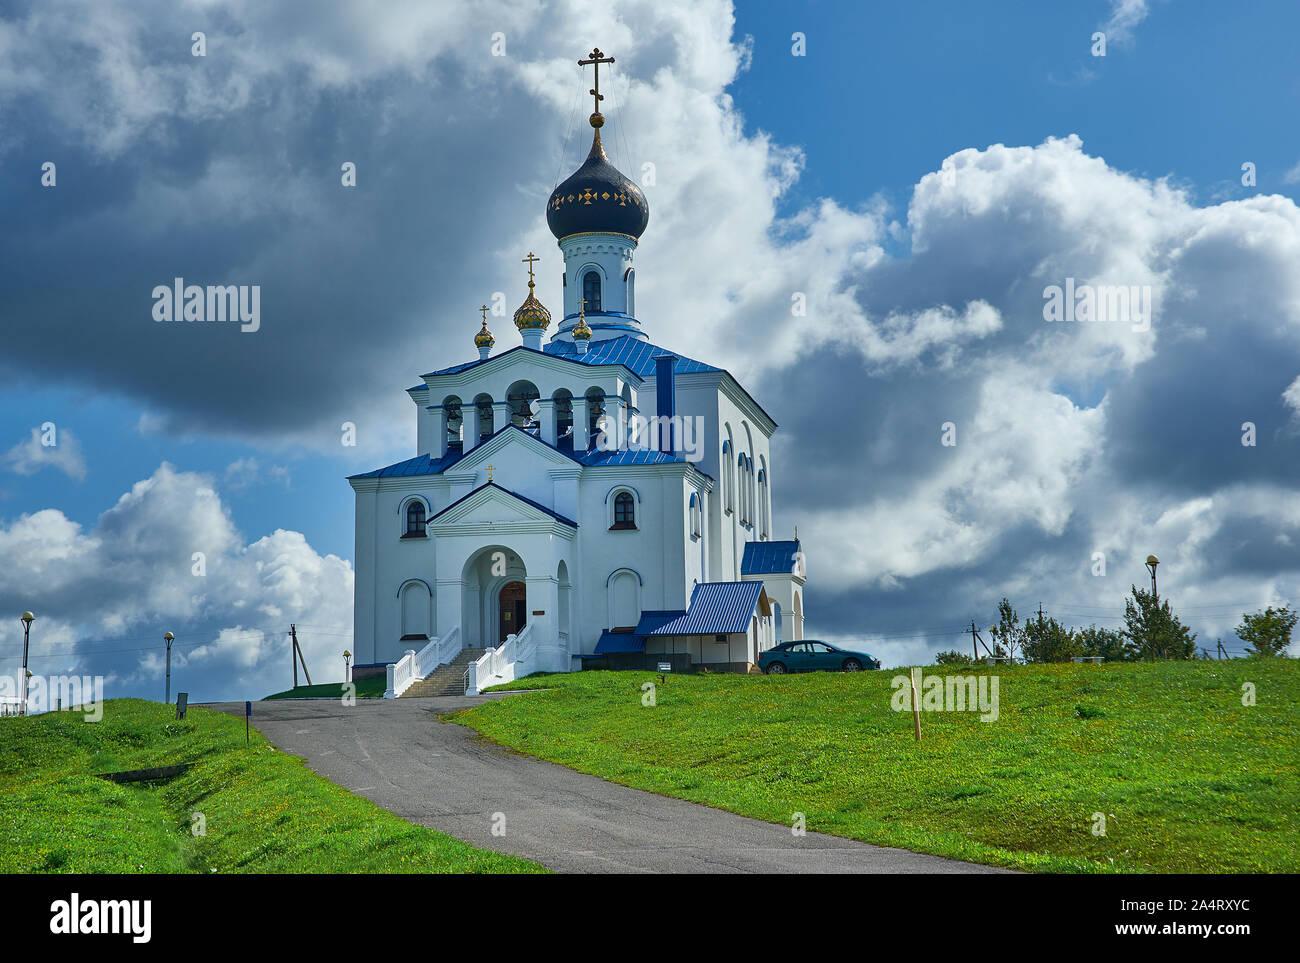 Myadzyel Resort Stadt in der Region Minsk Belarus. Kirche der Heiligen Dreifaltigkeit Stockfoto